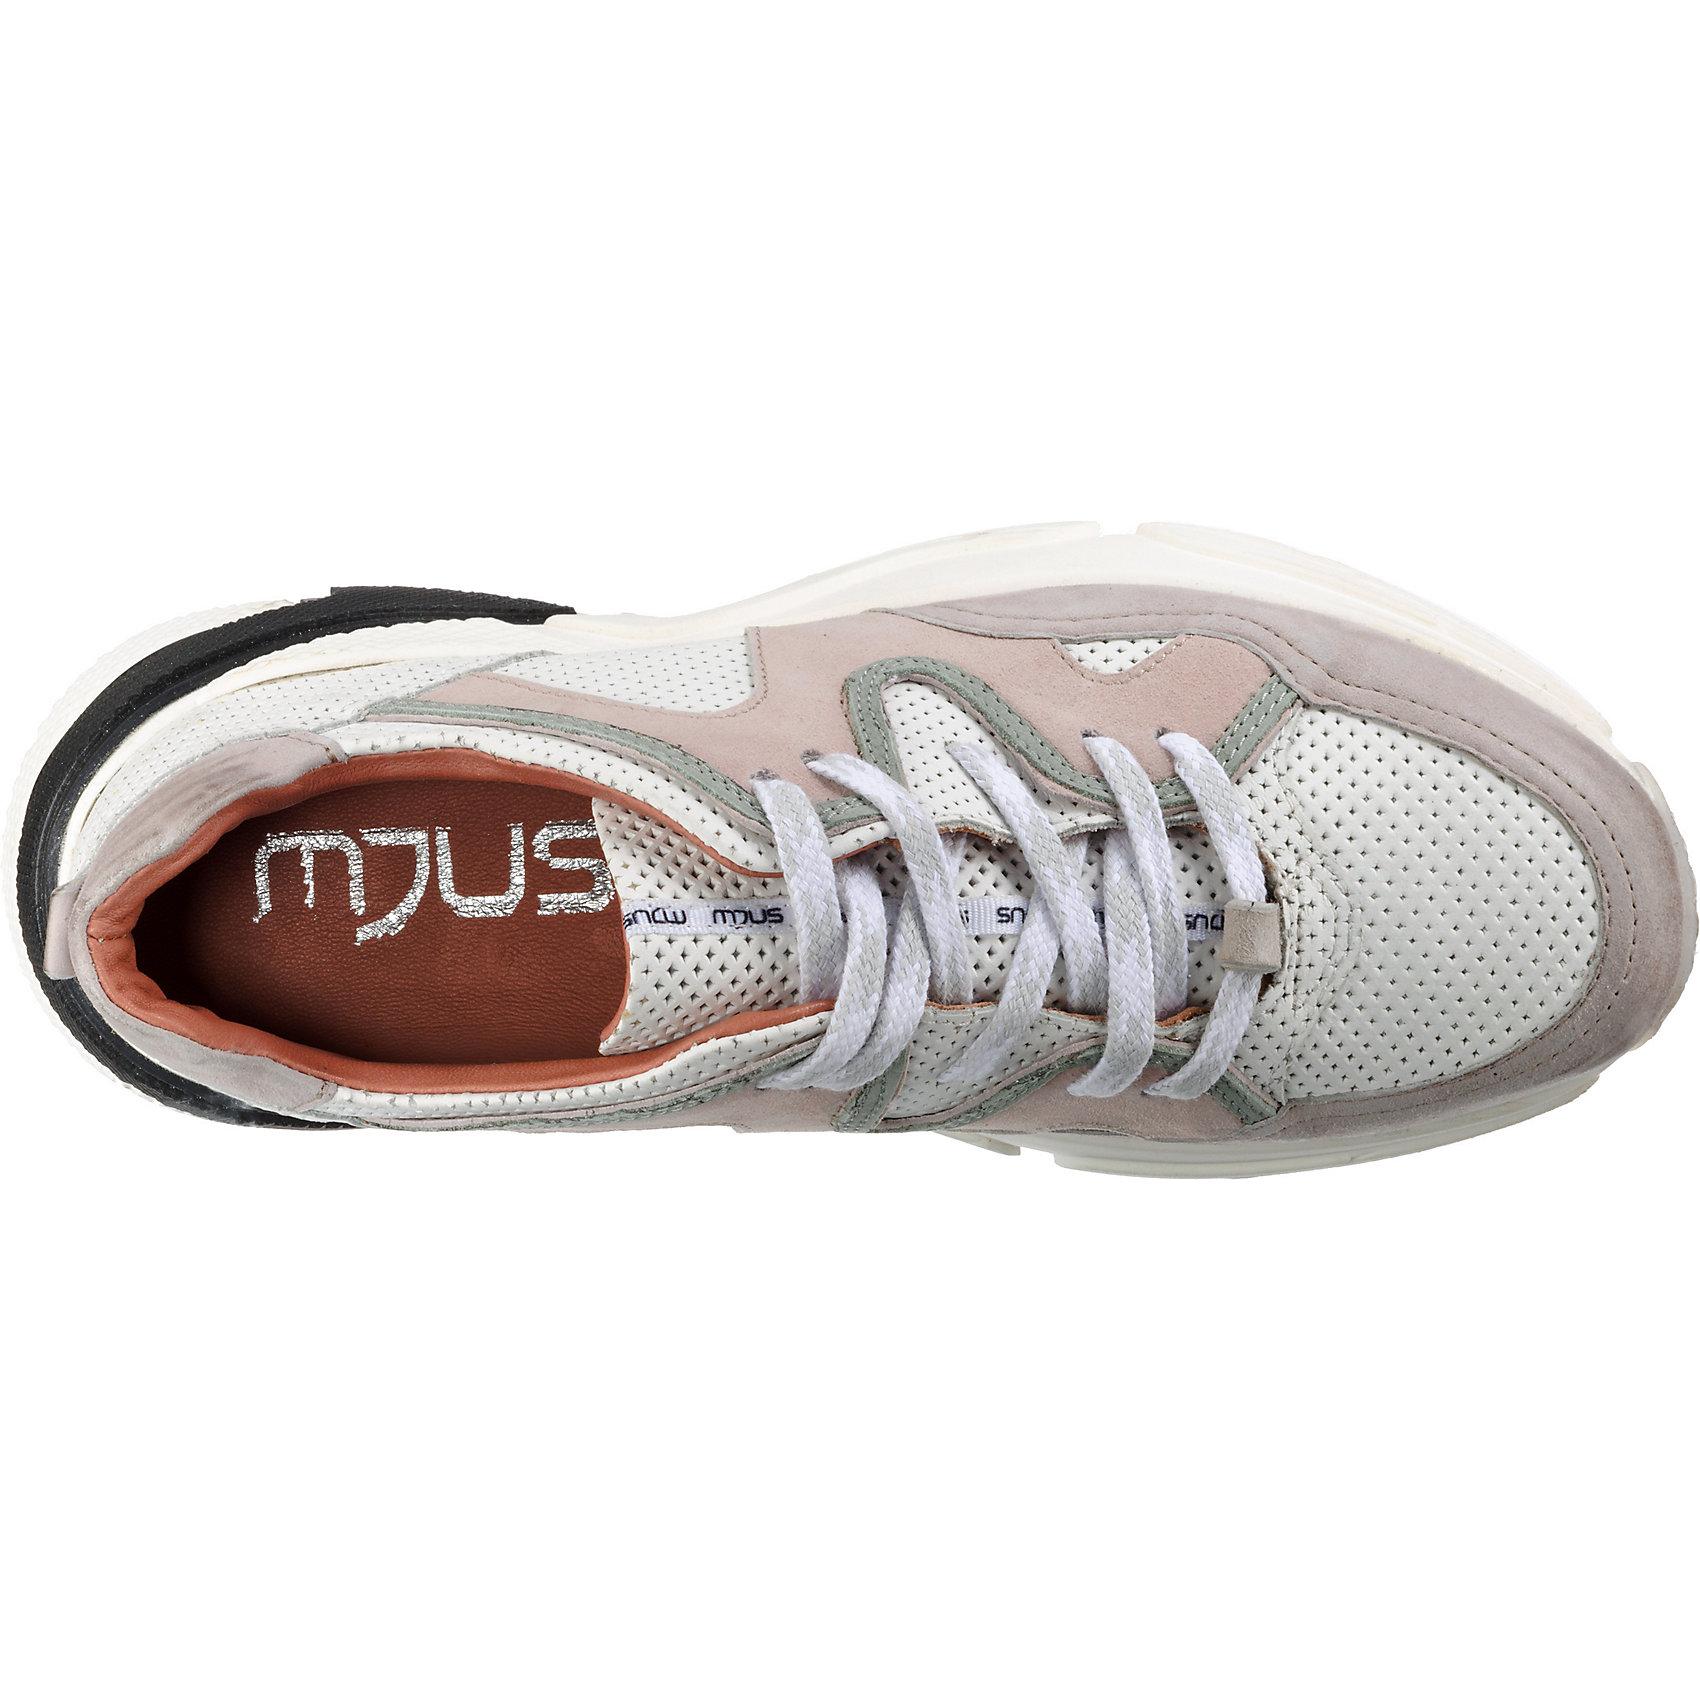 Neu MJUS Turnschuhe 10469917 für Damen Damen Damen weiß-kombi a476d3